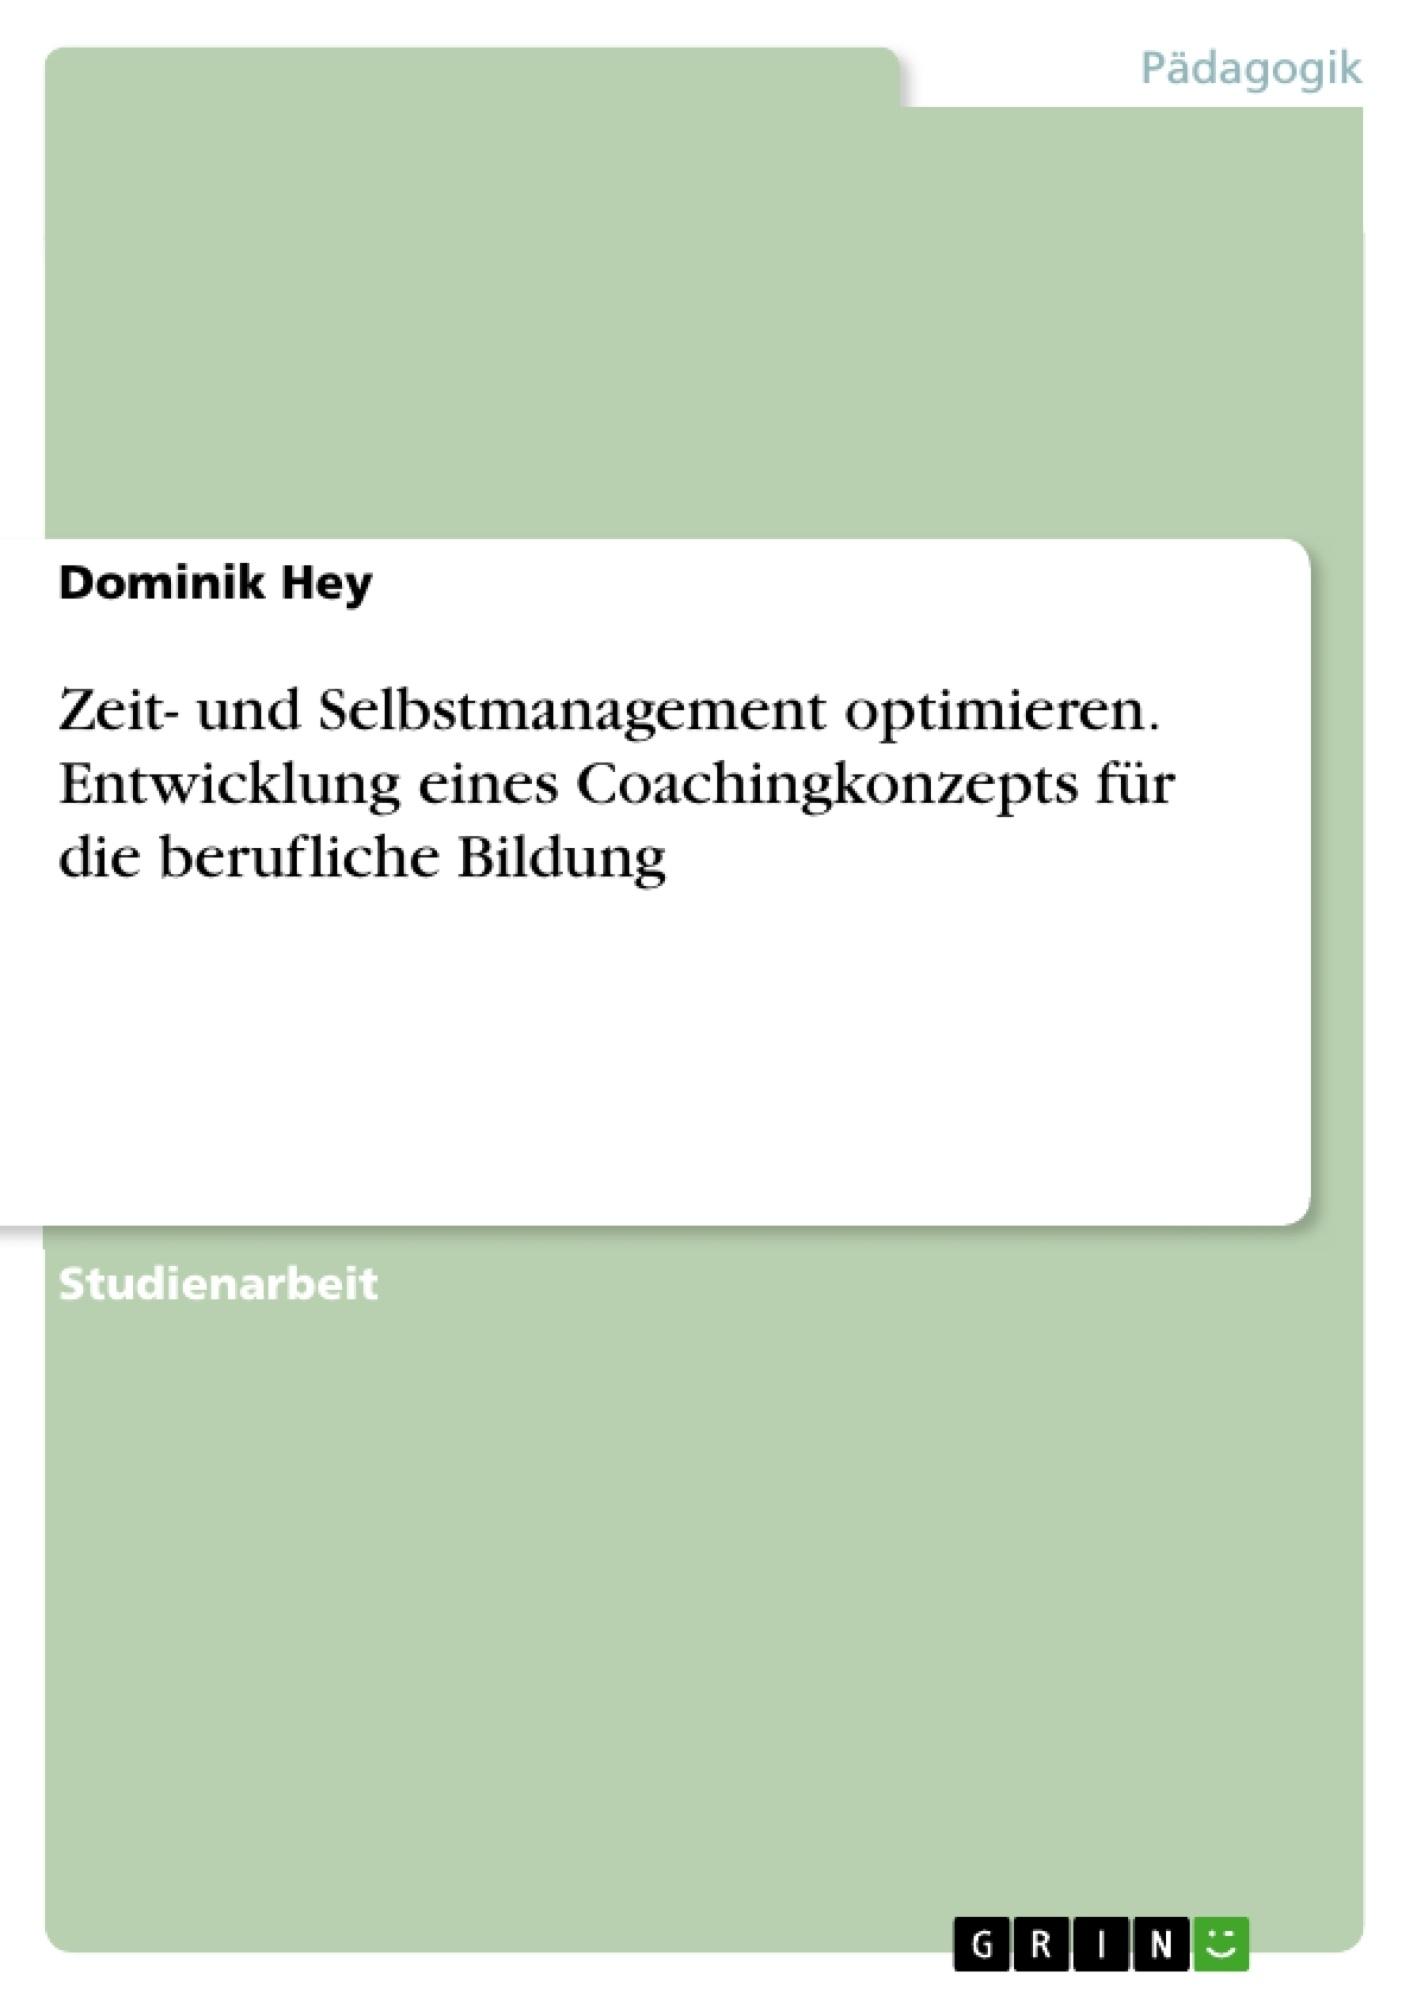 Titel: Zeit- und Selbstmanagement optimieren. Entwicklung eines Coachingkonzepts für die berufliche Bildung